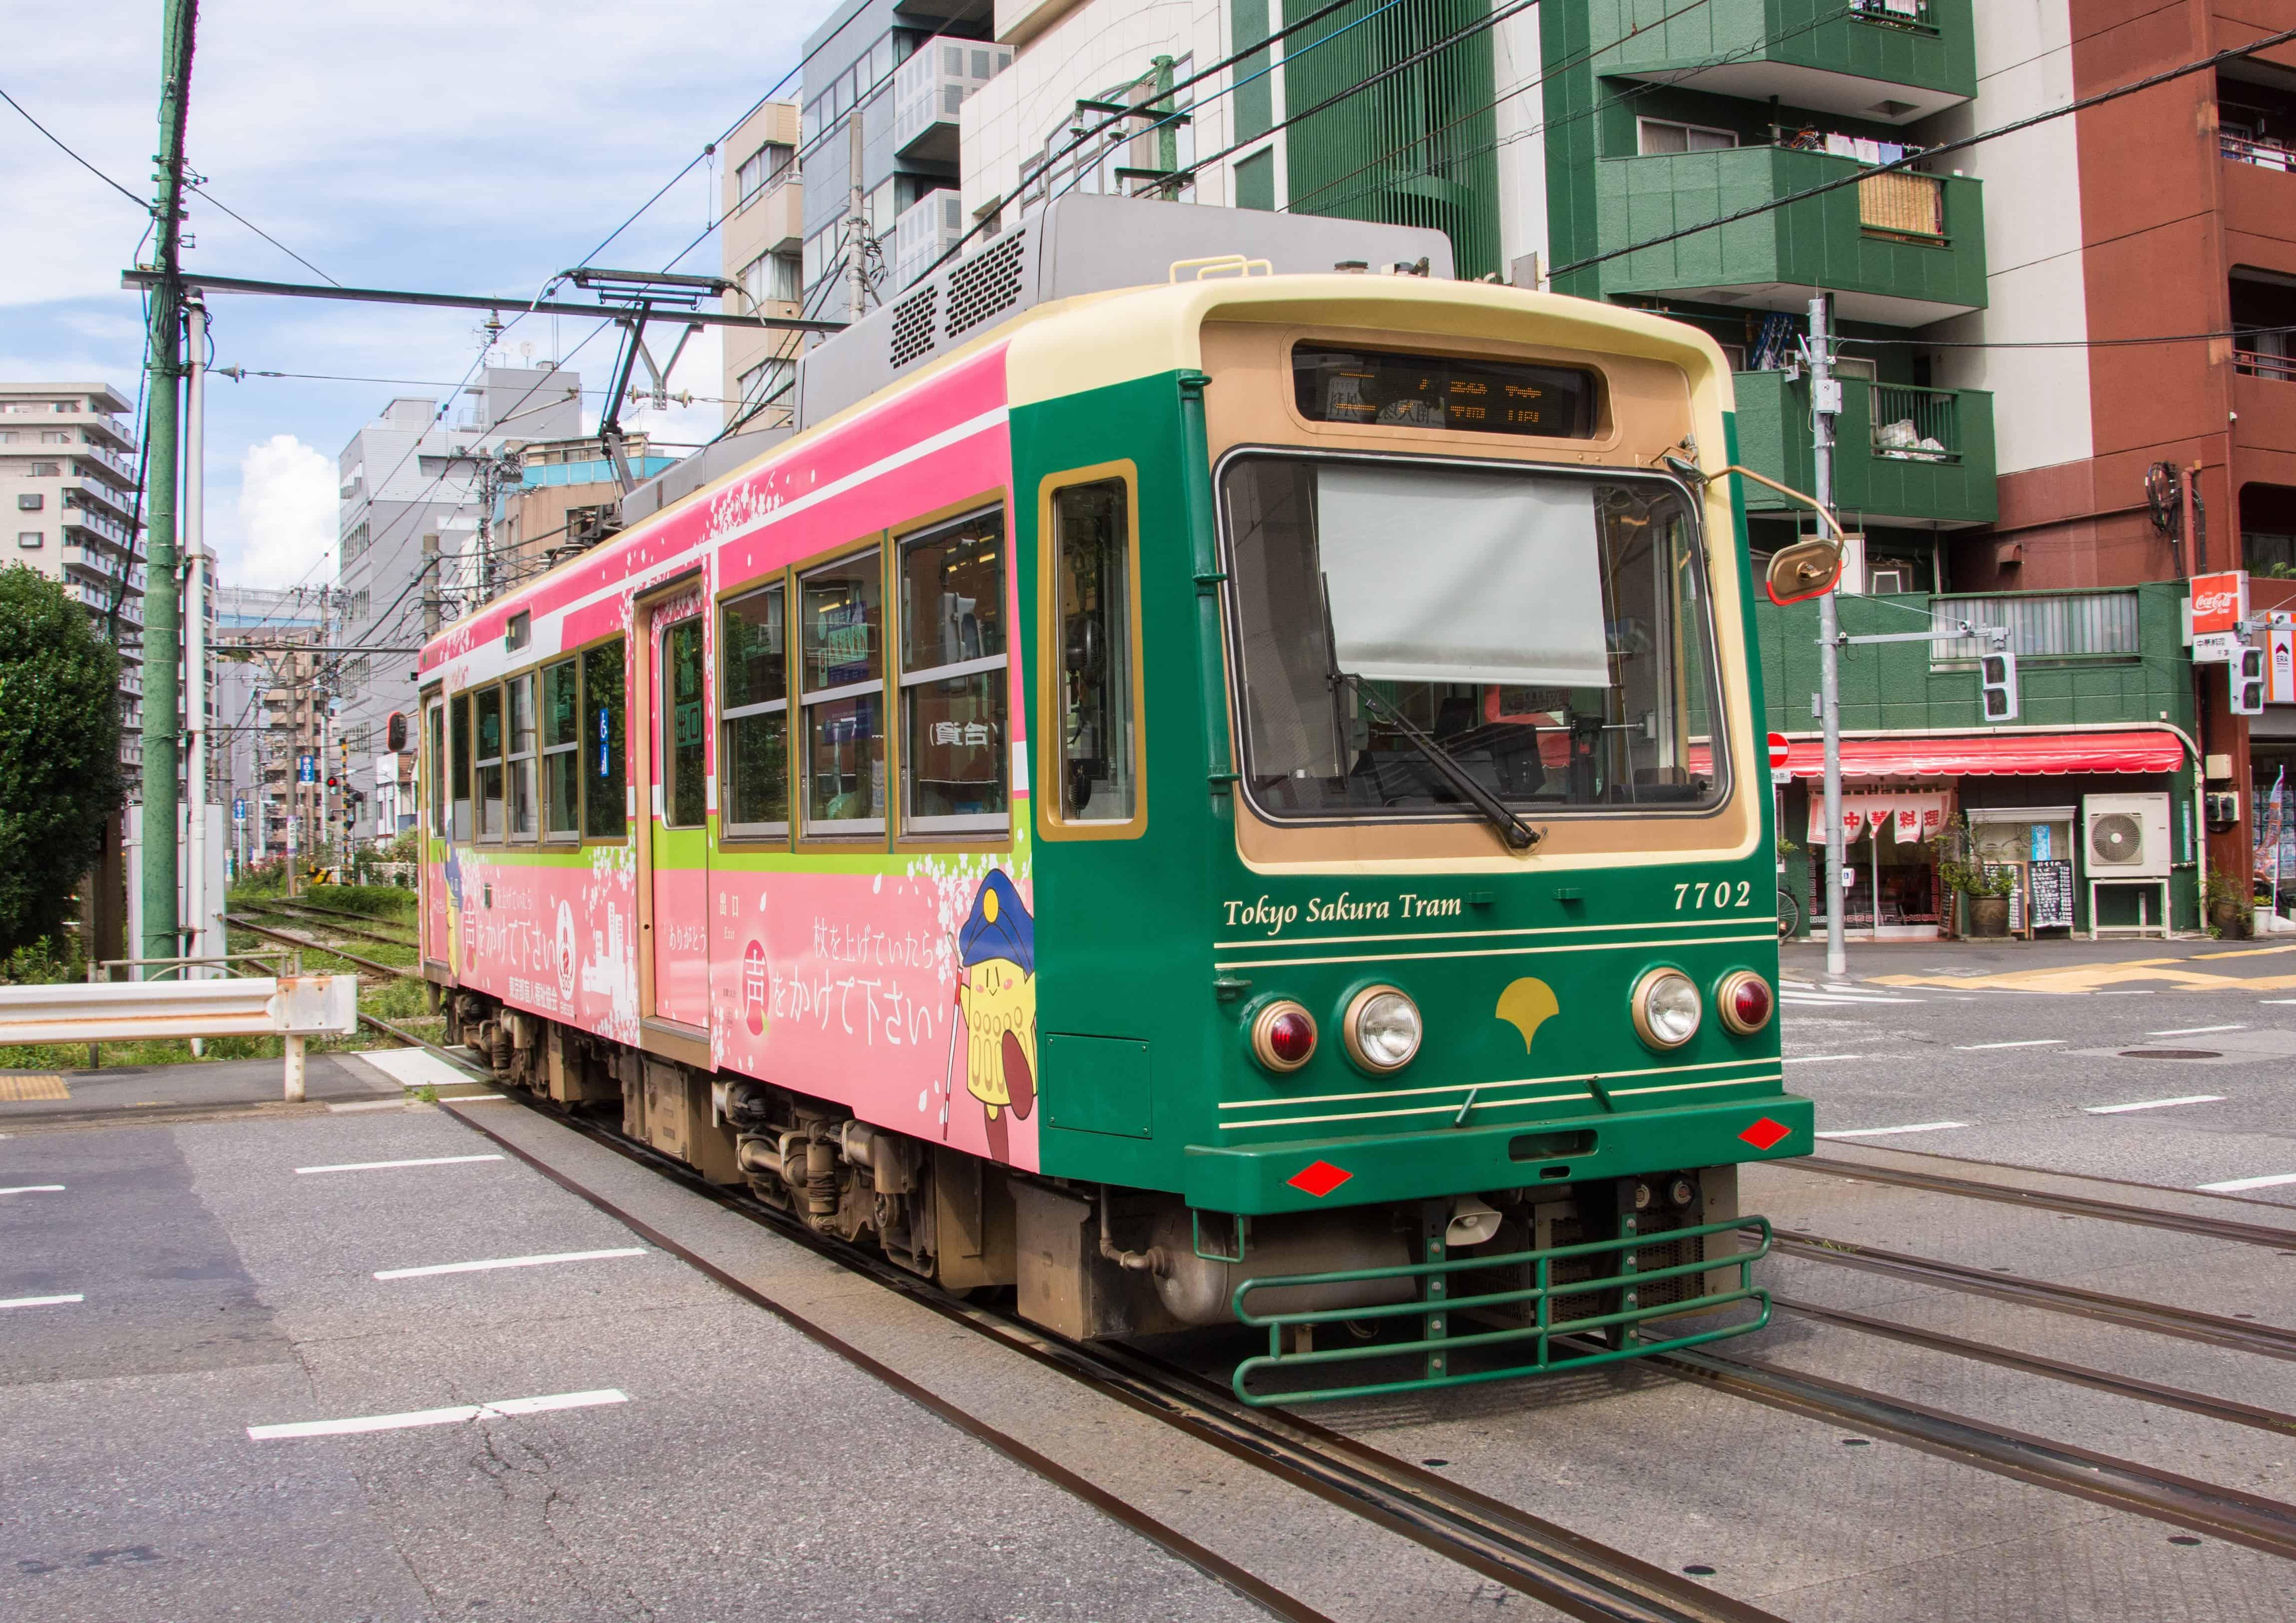 รถราง น่านั่ง ใน ญี่ปุ่น : Toden Arakawa Line